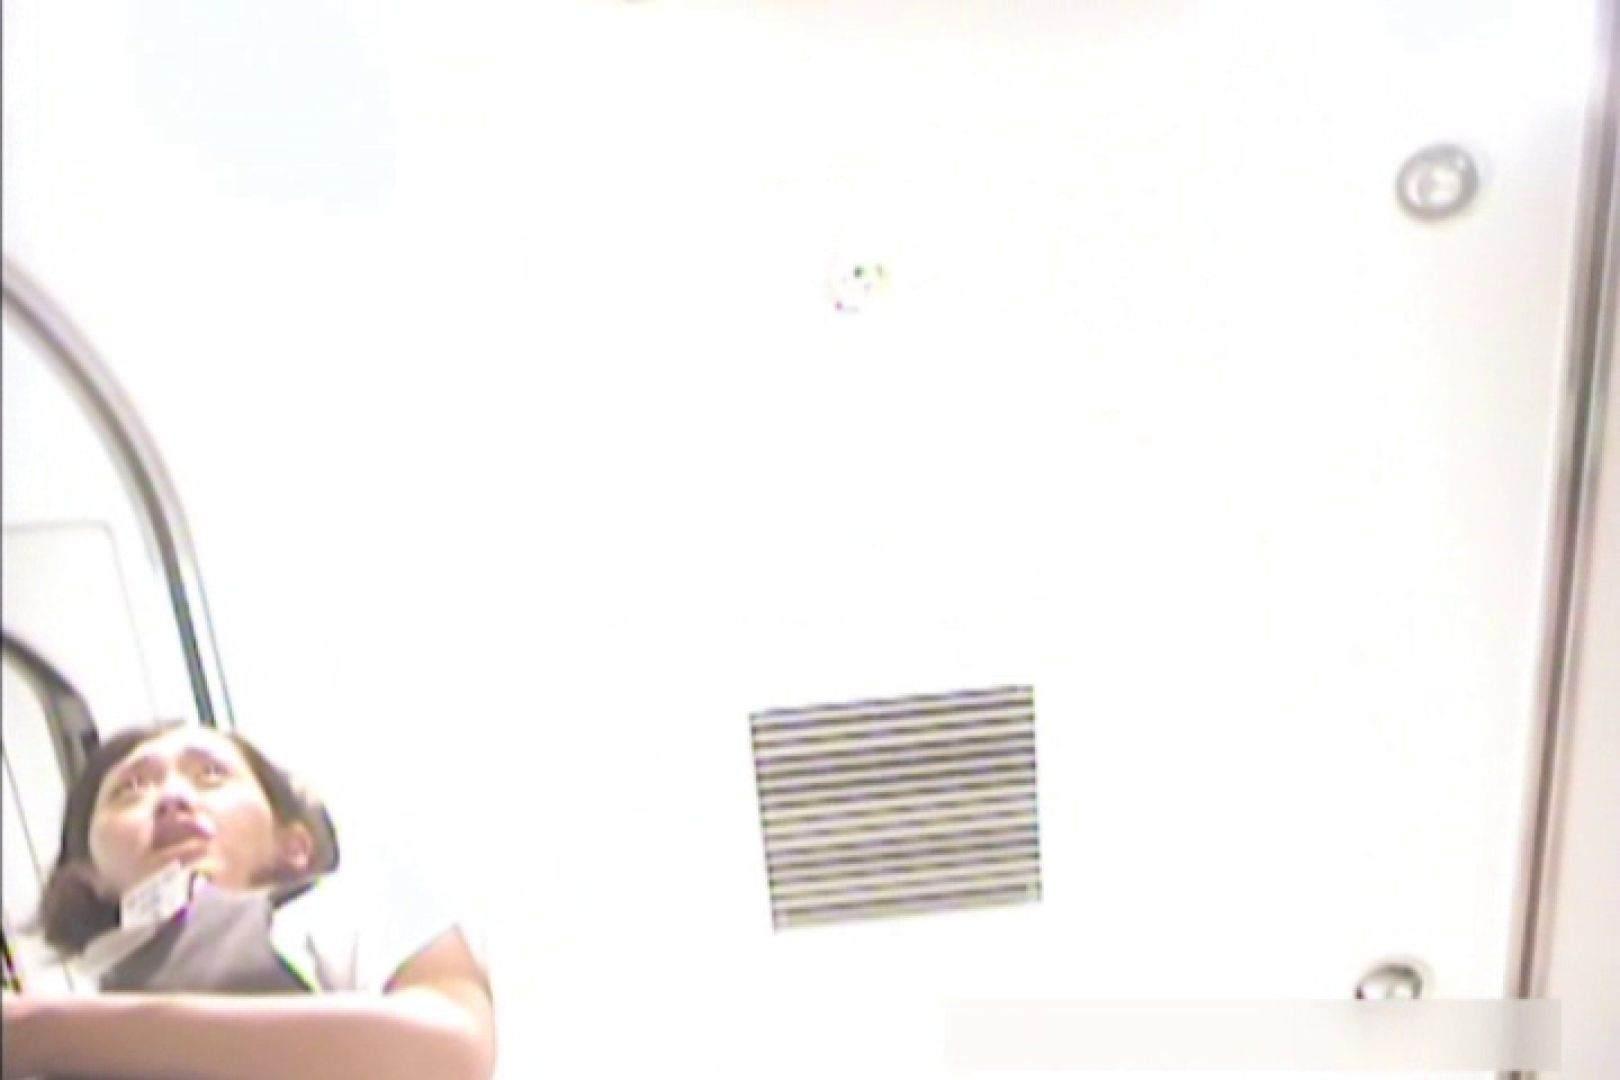 バモスさん投稿!パンチラの真髄!ショップ店員攻略法!VOL.05 チラ歓迎 盗撮動画紹介 91pic 46